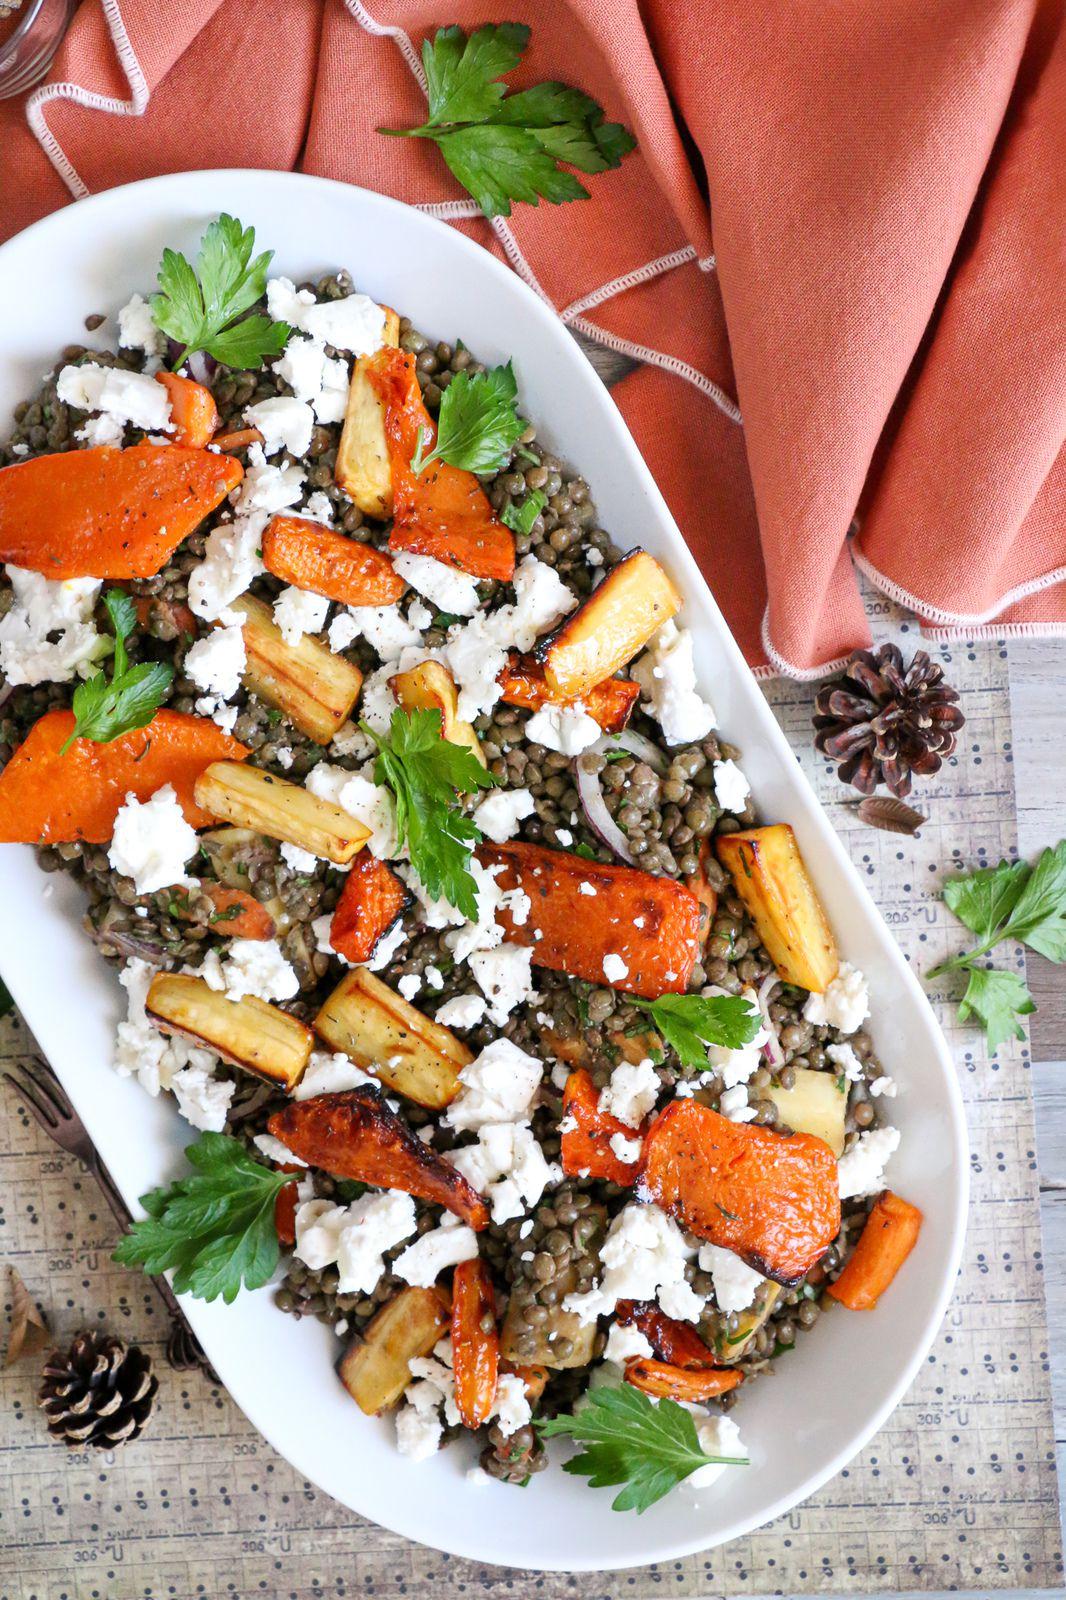 Salade d'automne aux lentilles vertes du Puy et légumes de saison rôtis au miel